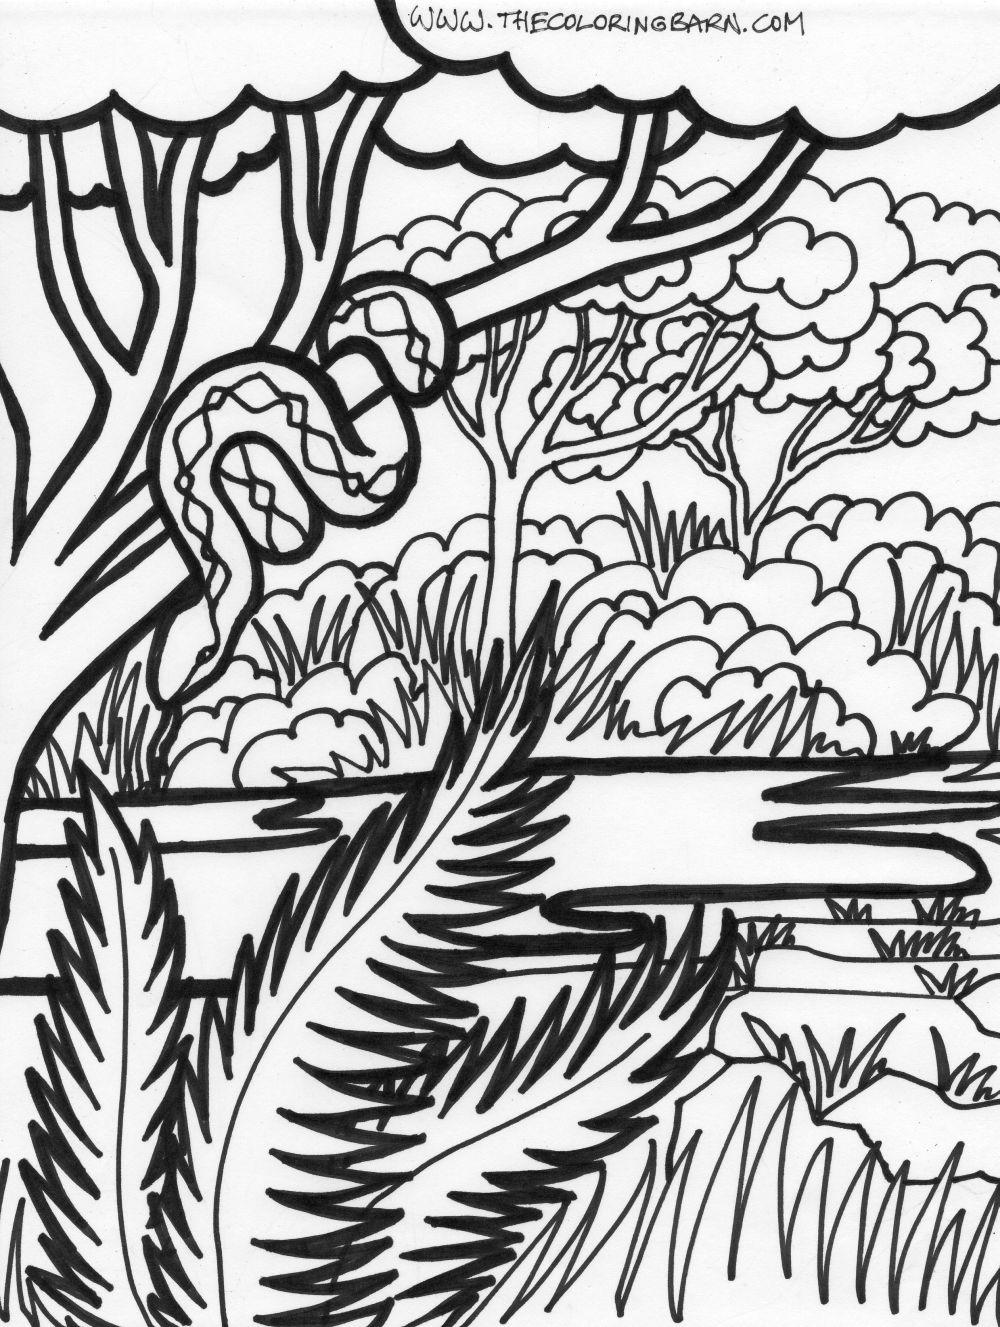 Drawn rainforest jungle safari Page scene coloring jungle page